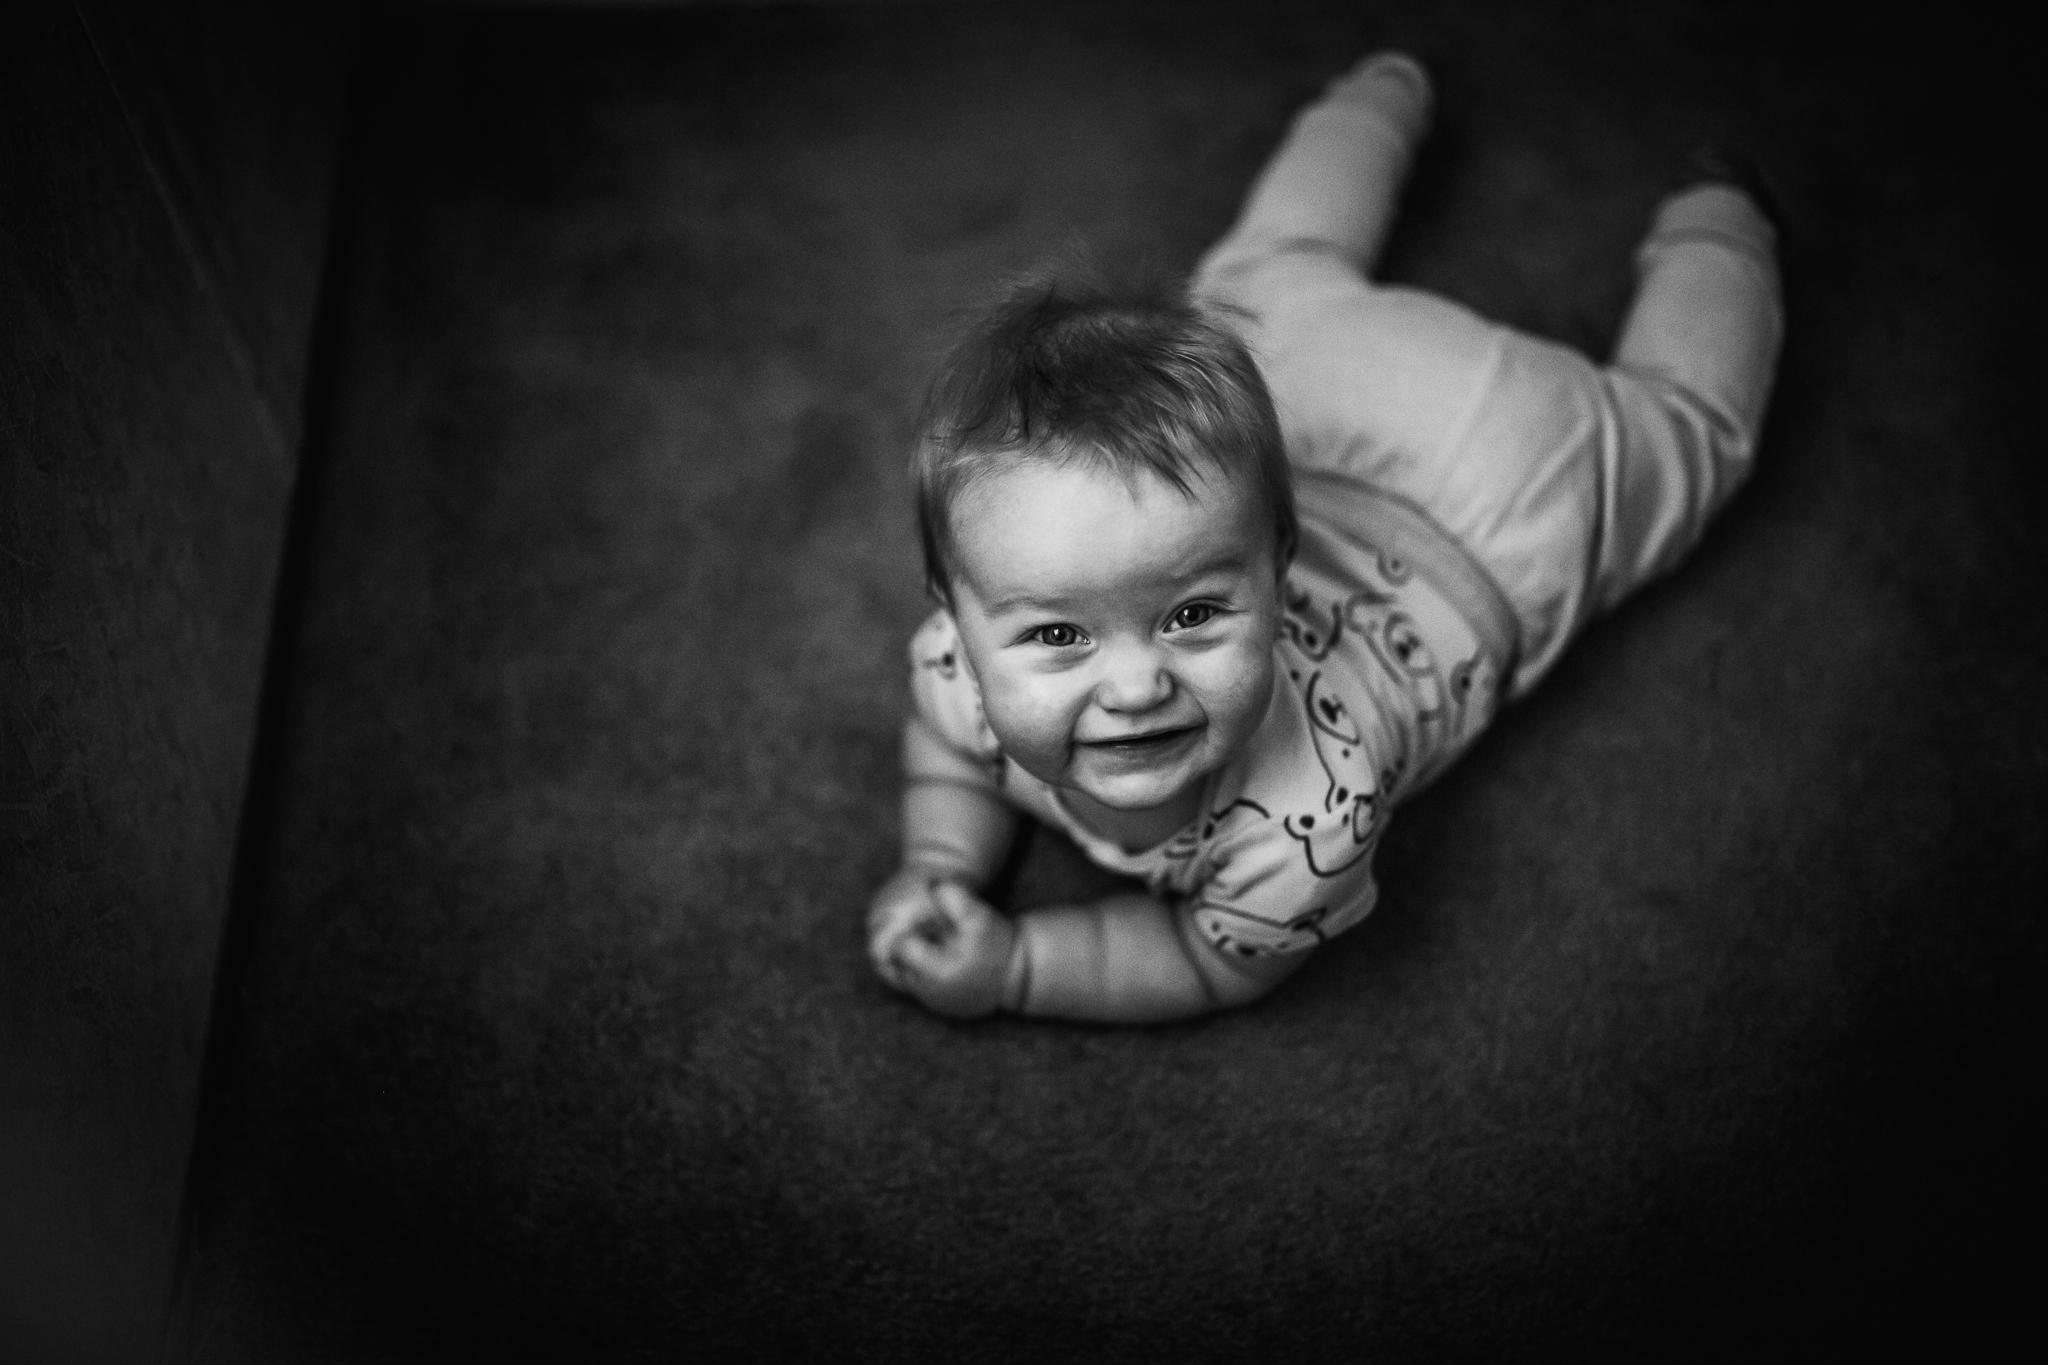 Alina-Joy-Photography-Cold-Lake-Lifestyle-Photographer-302.jpg